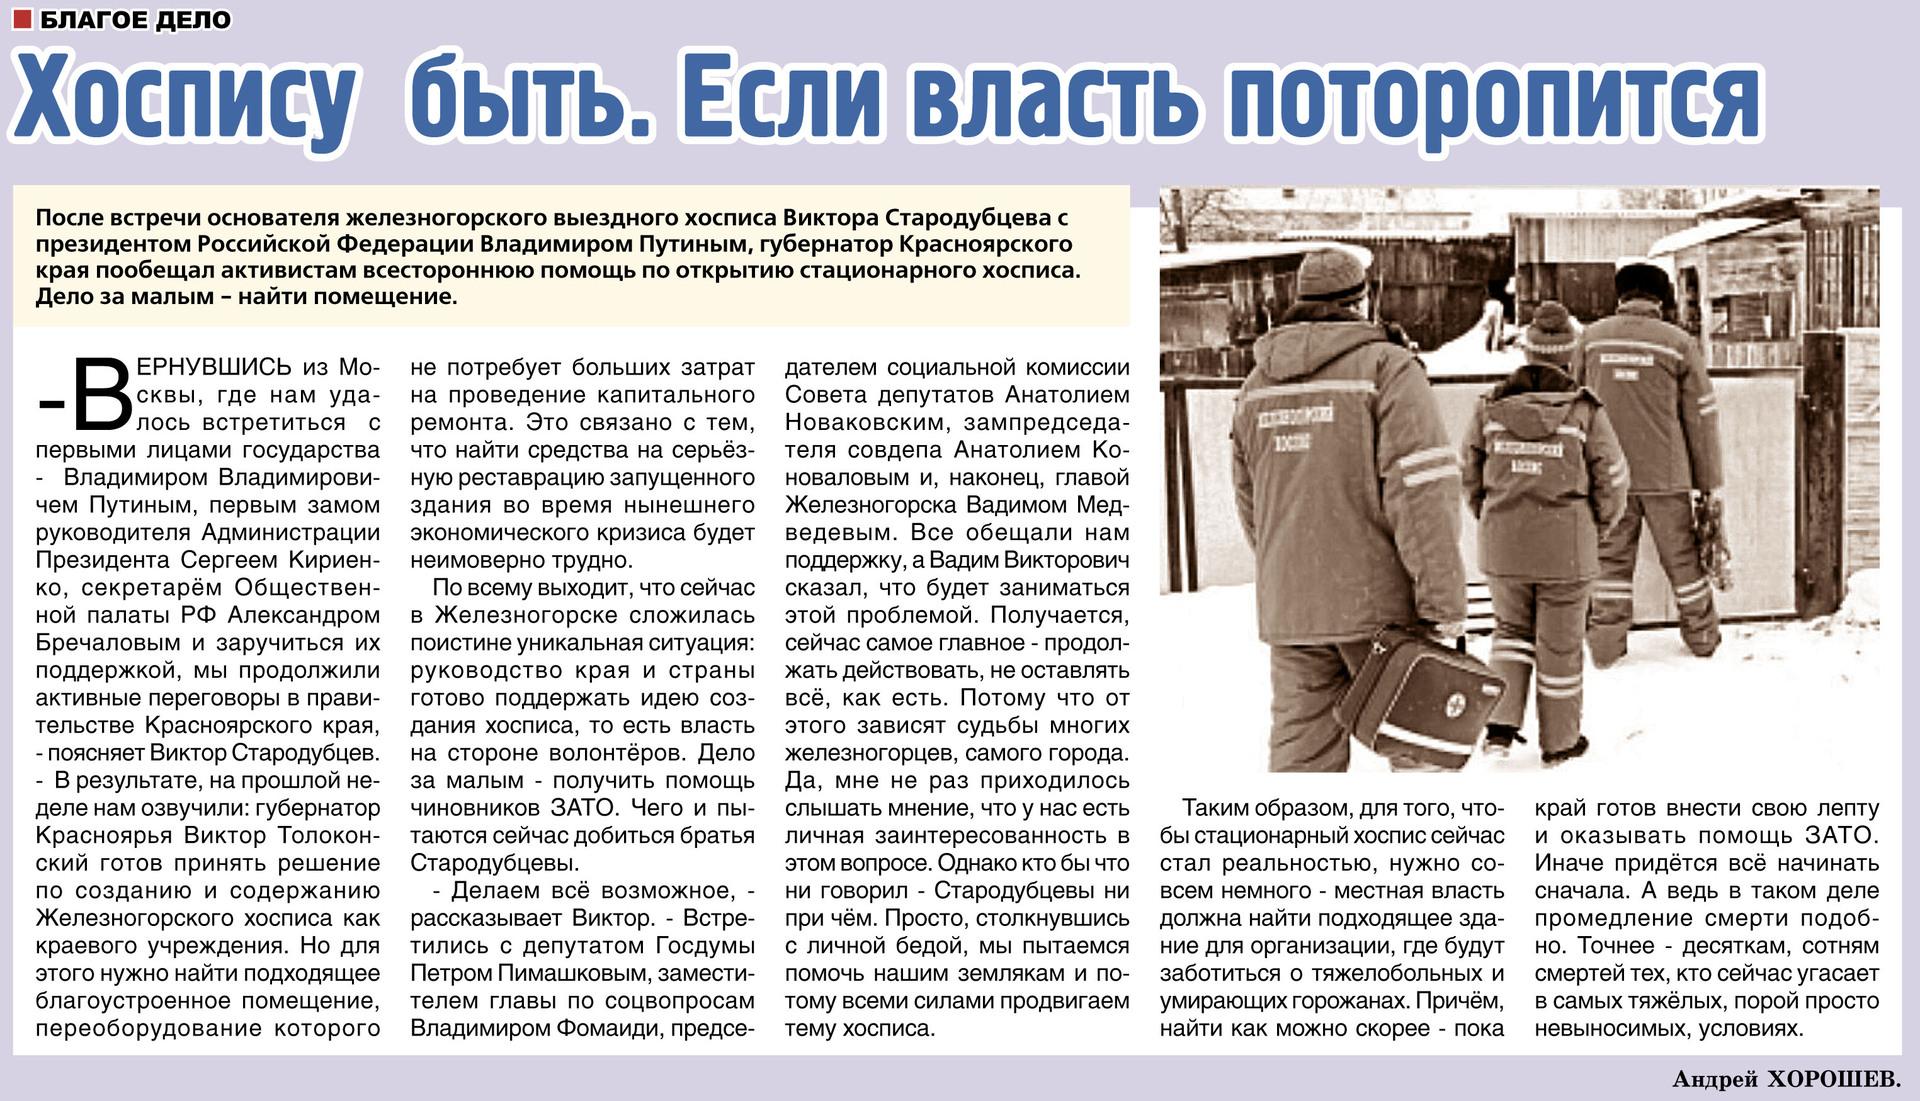 «Сегодняшняя газета-26» от 01 декабря 2016